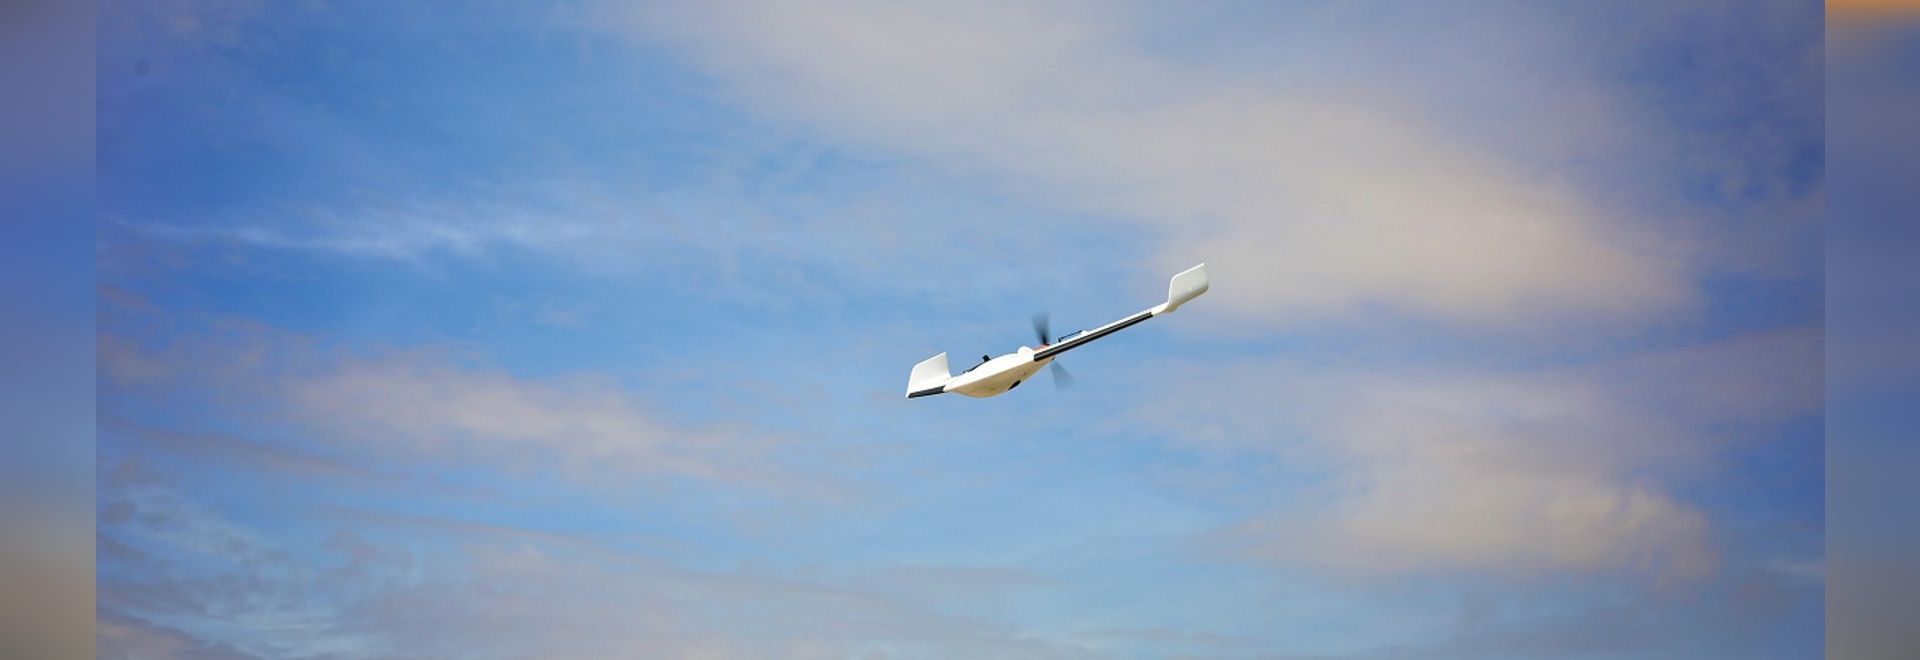 """Delair : """"Les drones sont devenus un outil commercial sérieux pour la collecte de données"""""""